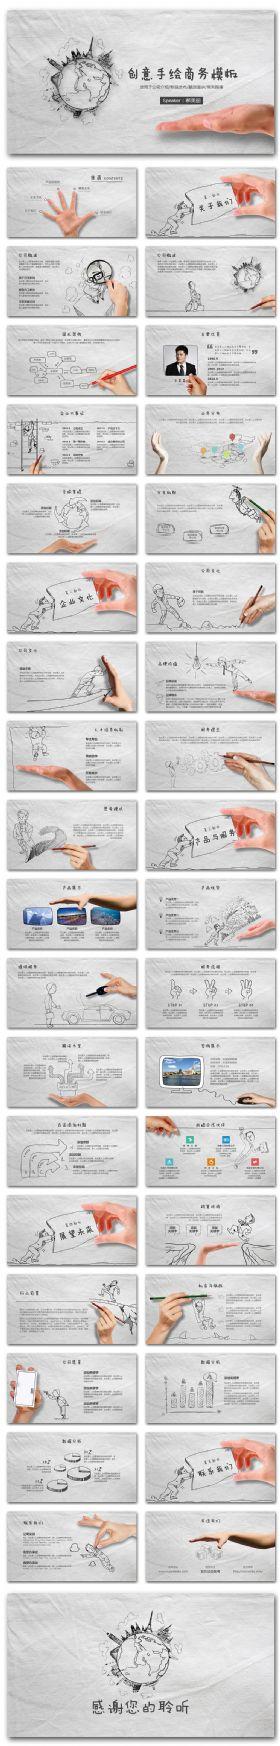 黑白创意手绘企业宣传商业计划通用模板